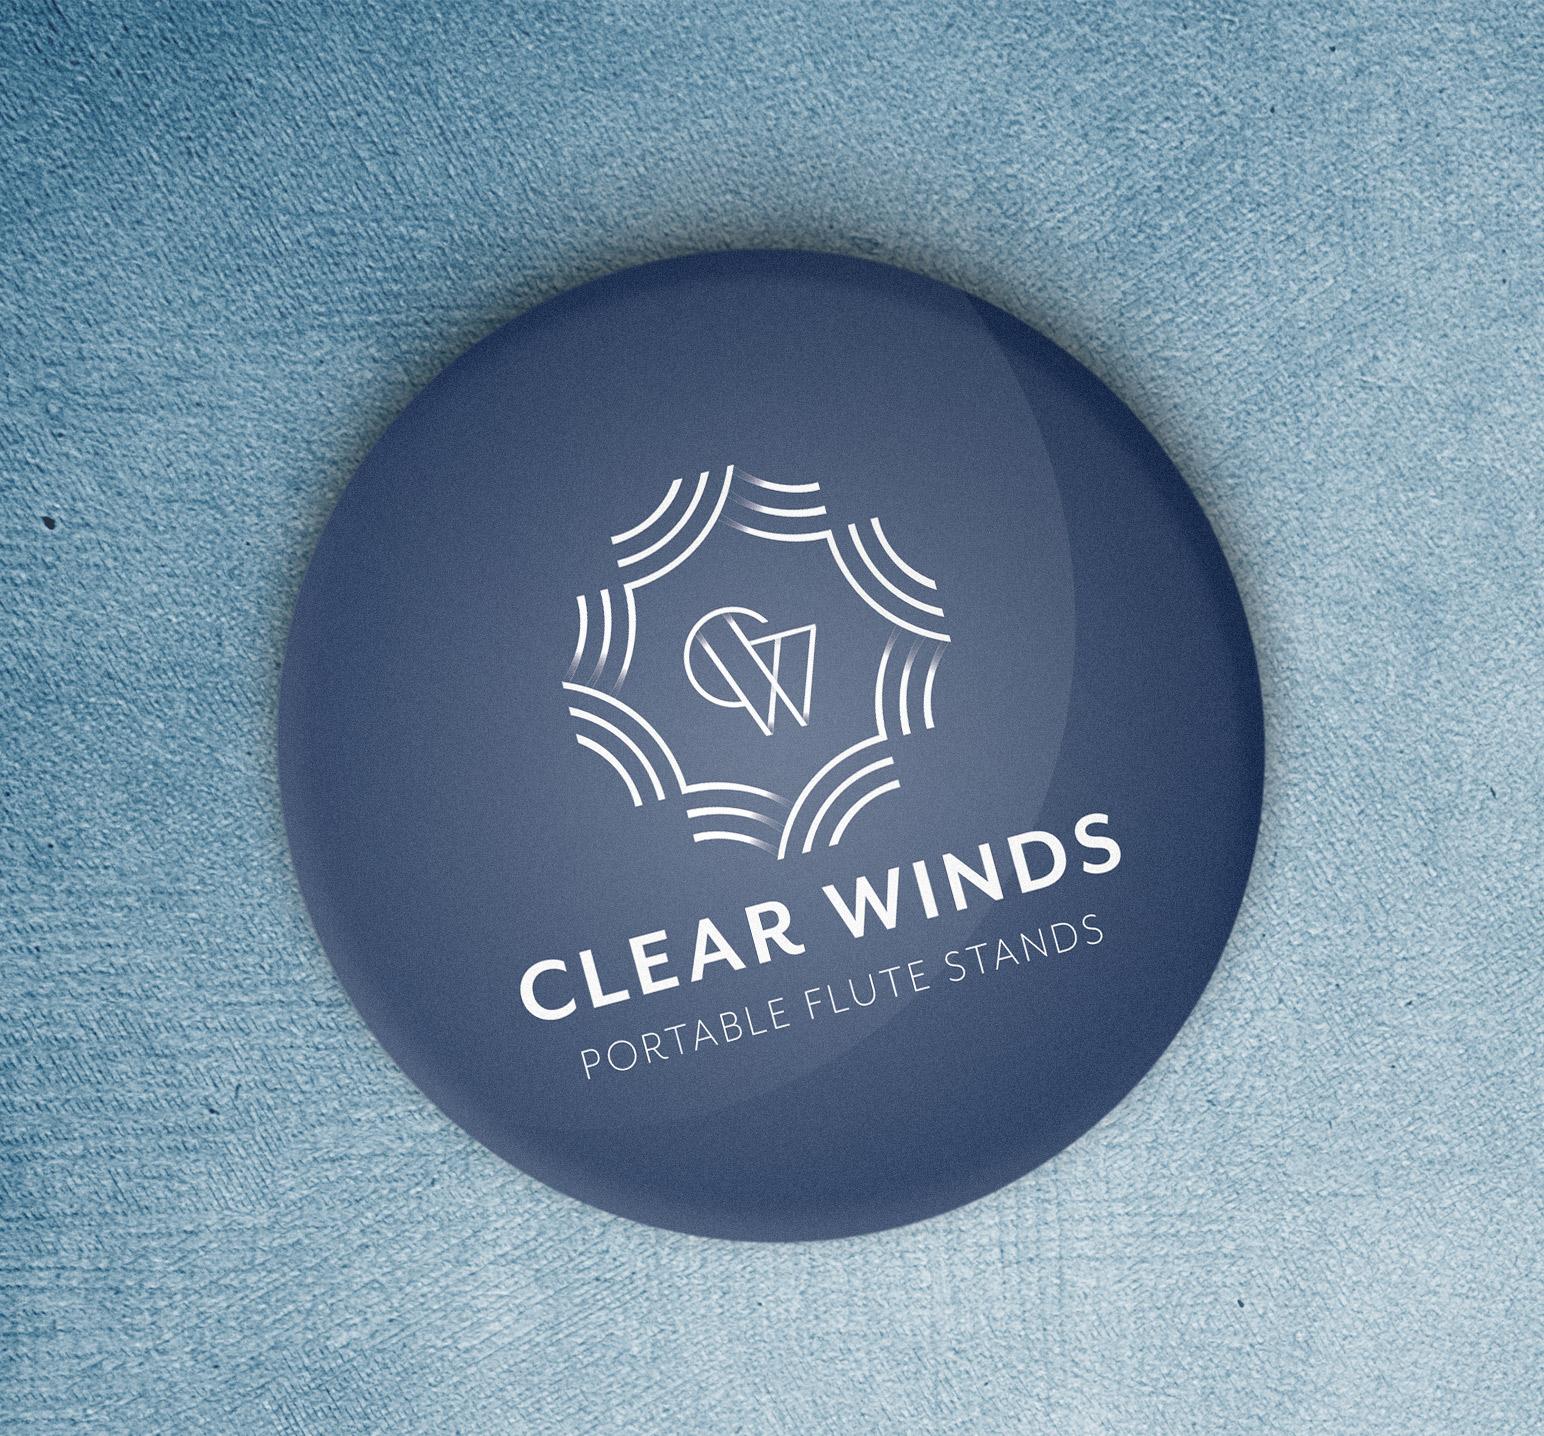 Clear-Winds-Single.jpg